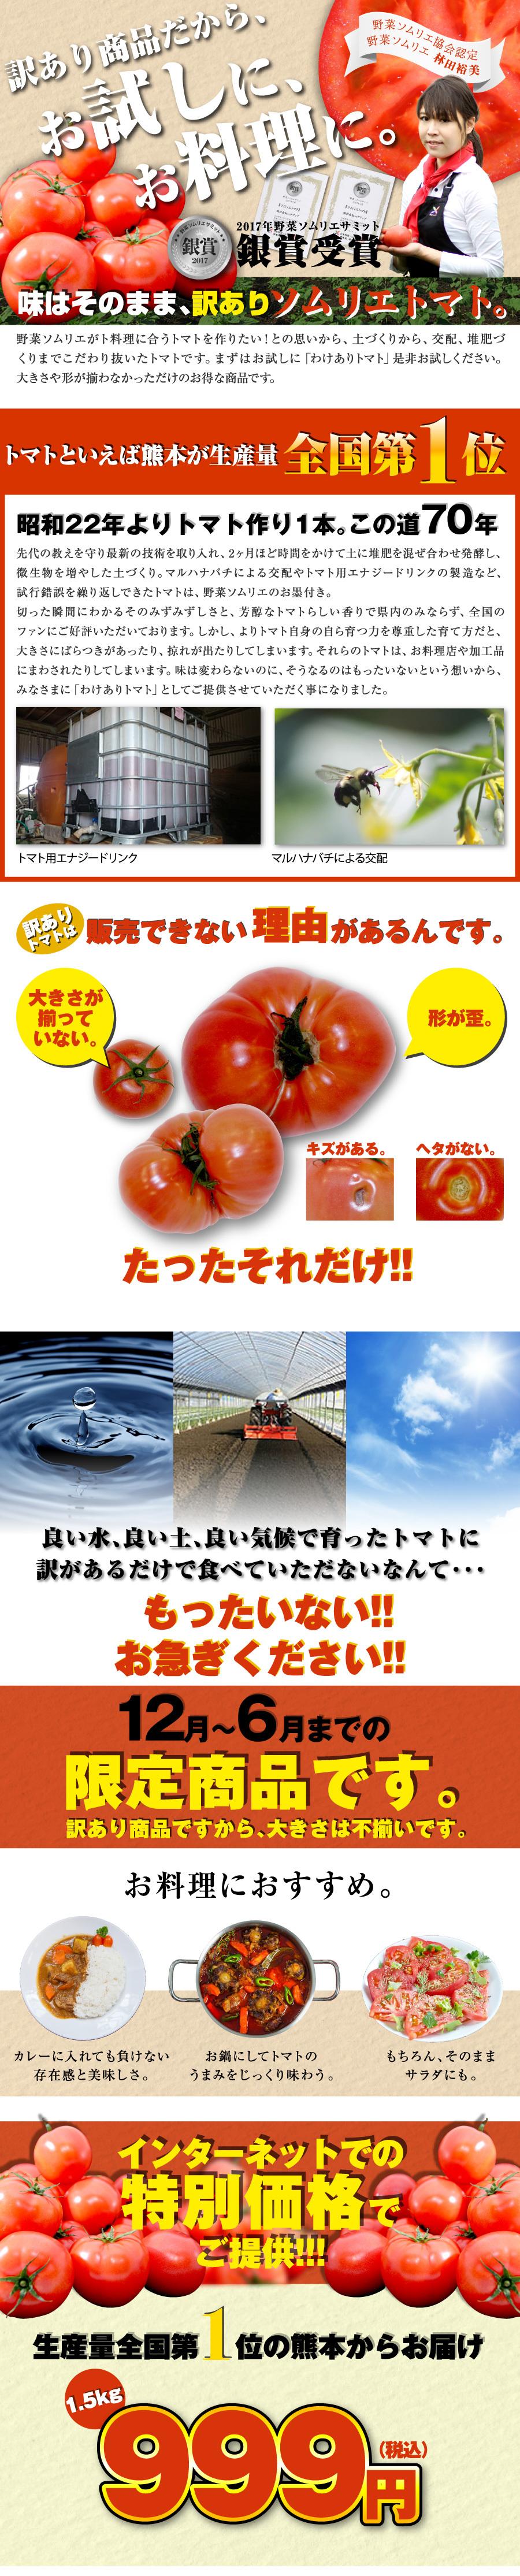 味はそのままで特別価格の訳ありトマト1.5kg